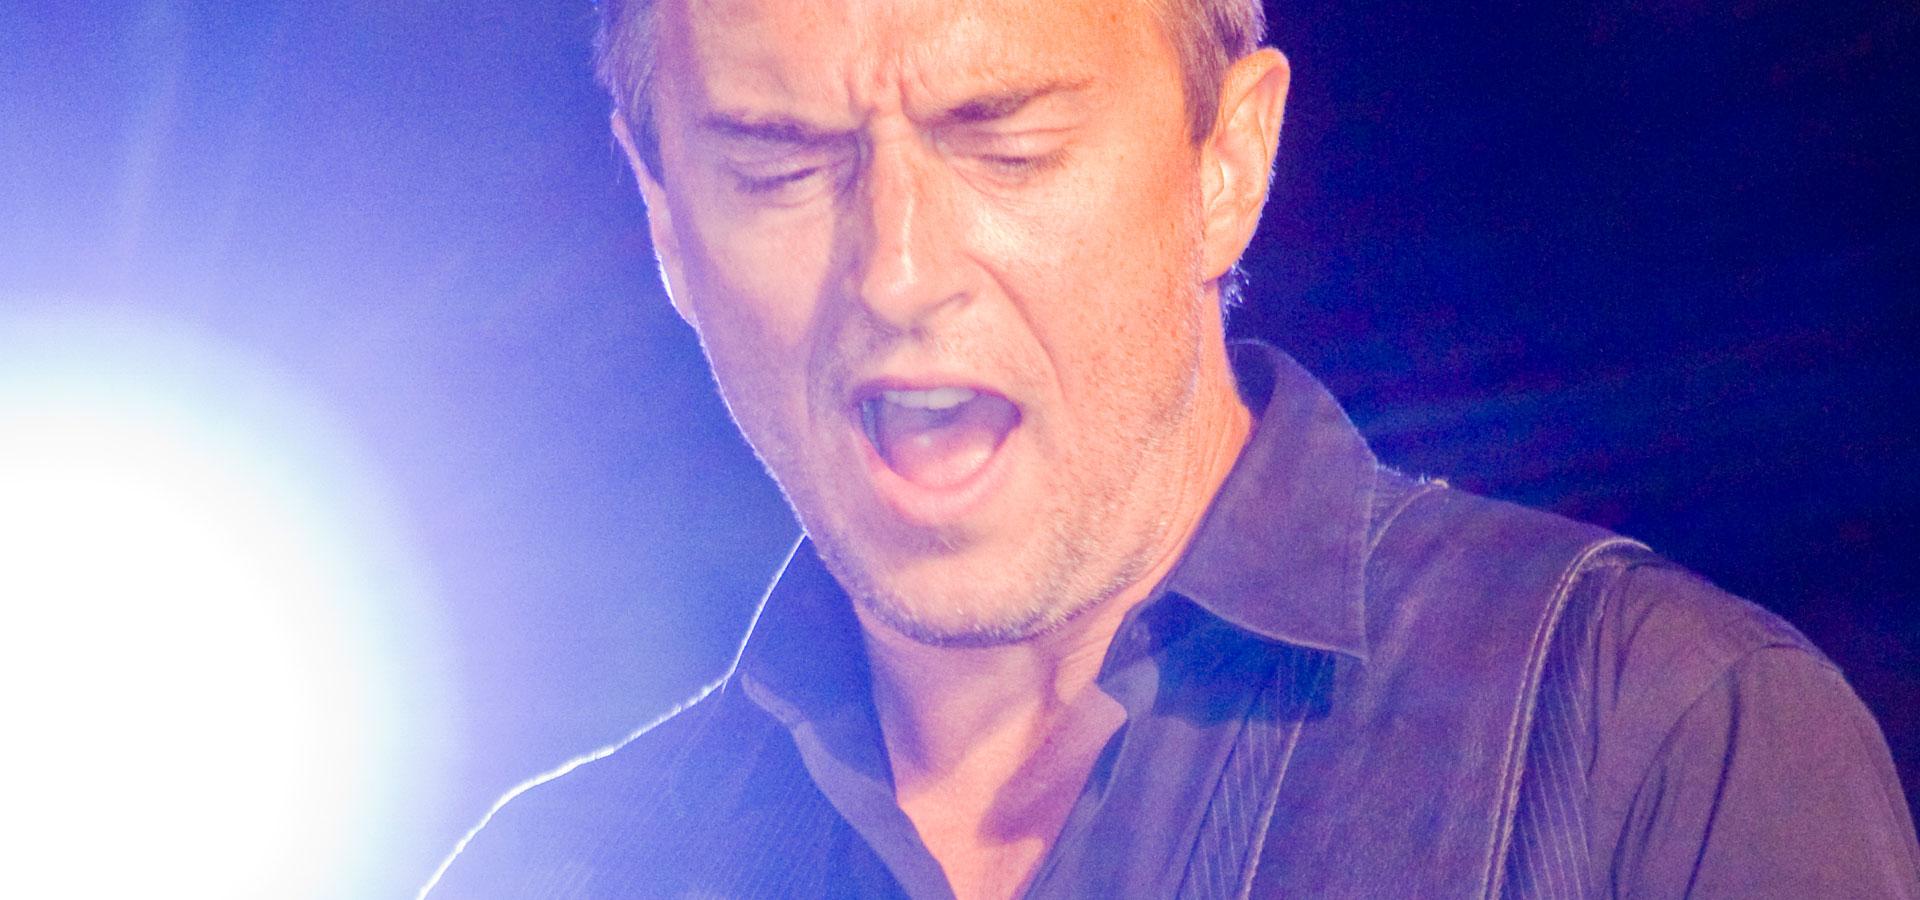 Colin James at Dundas Square for the Live Green Toronto Festival